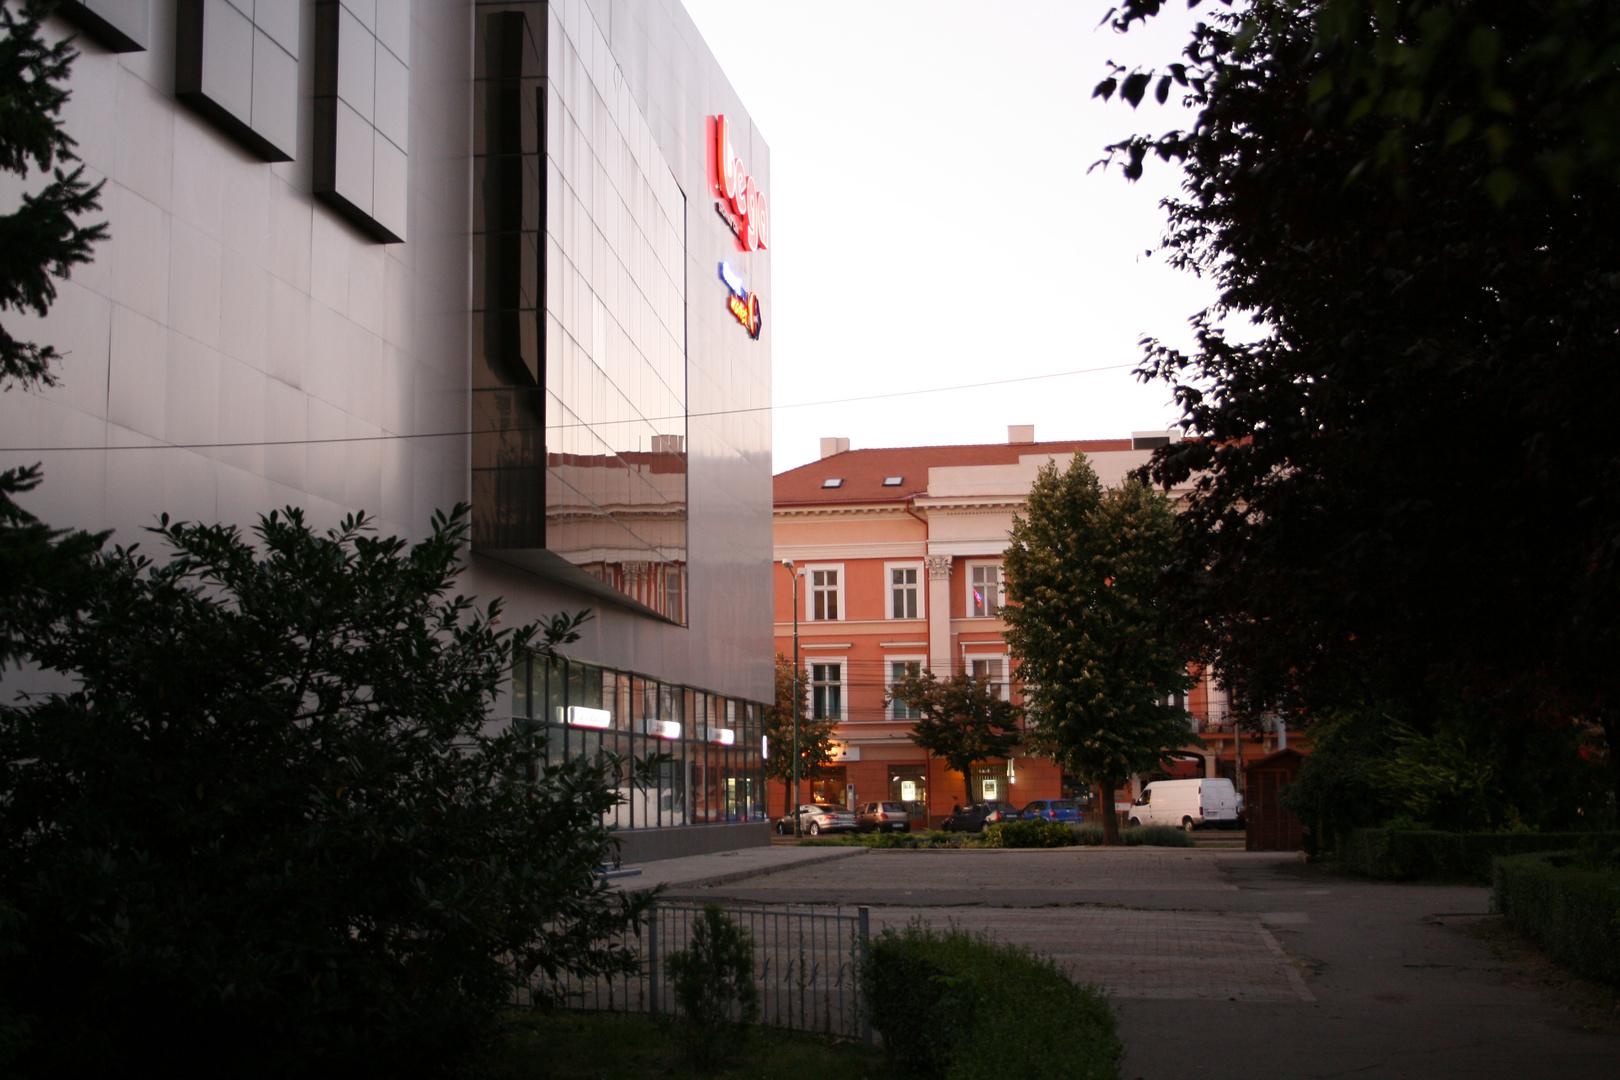 Bega Einkafszentrum - Timisoara